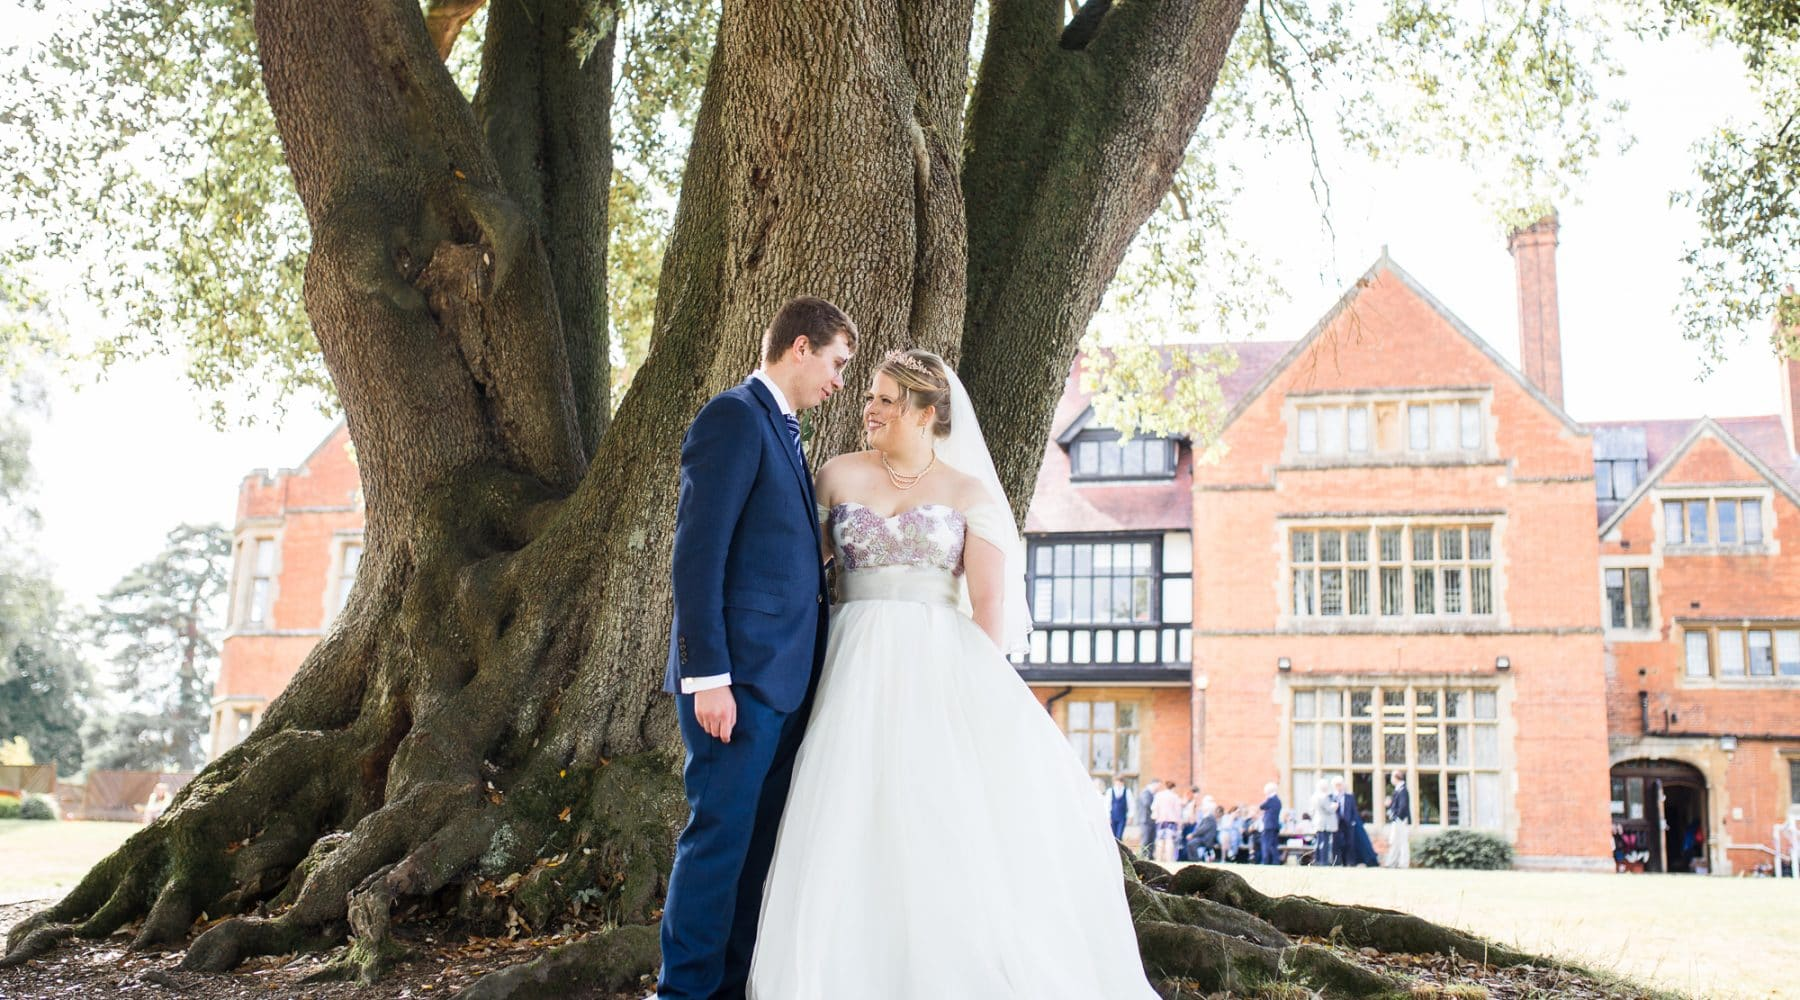 Sarah wears Blossom by Lyn Ashworth